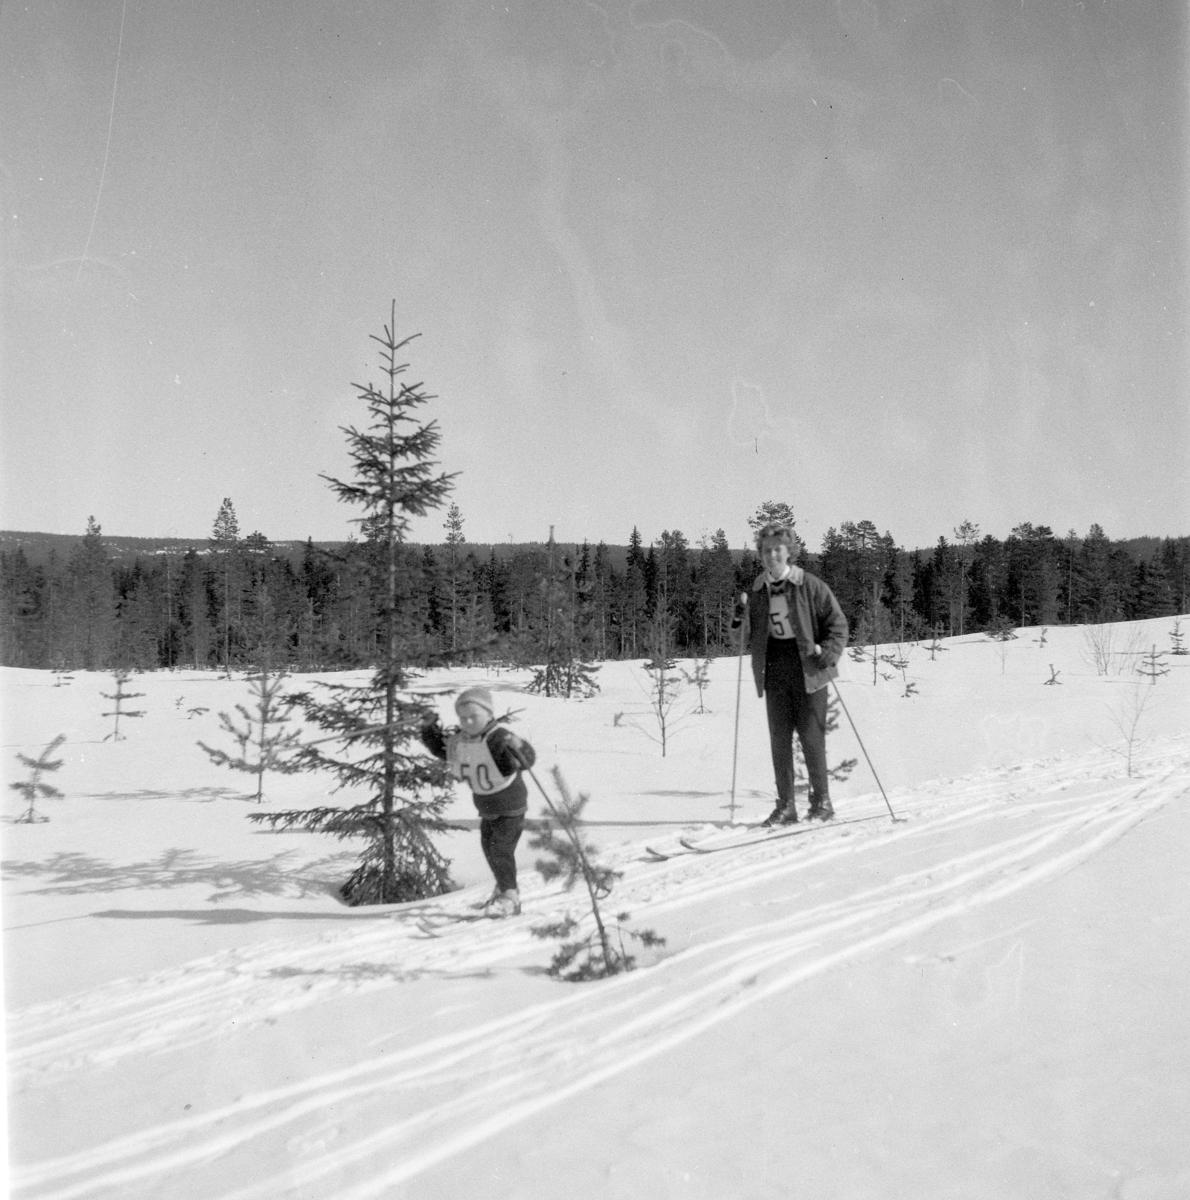 Pilkeskirennet, konkurranse med både skirenn og pilke konkurranse. Moelven. Vinter, snø. Moelven foto 1970.